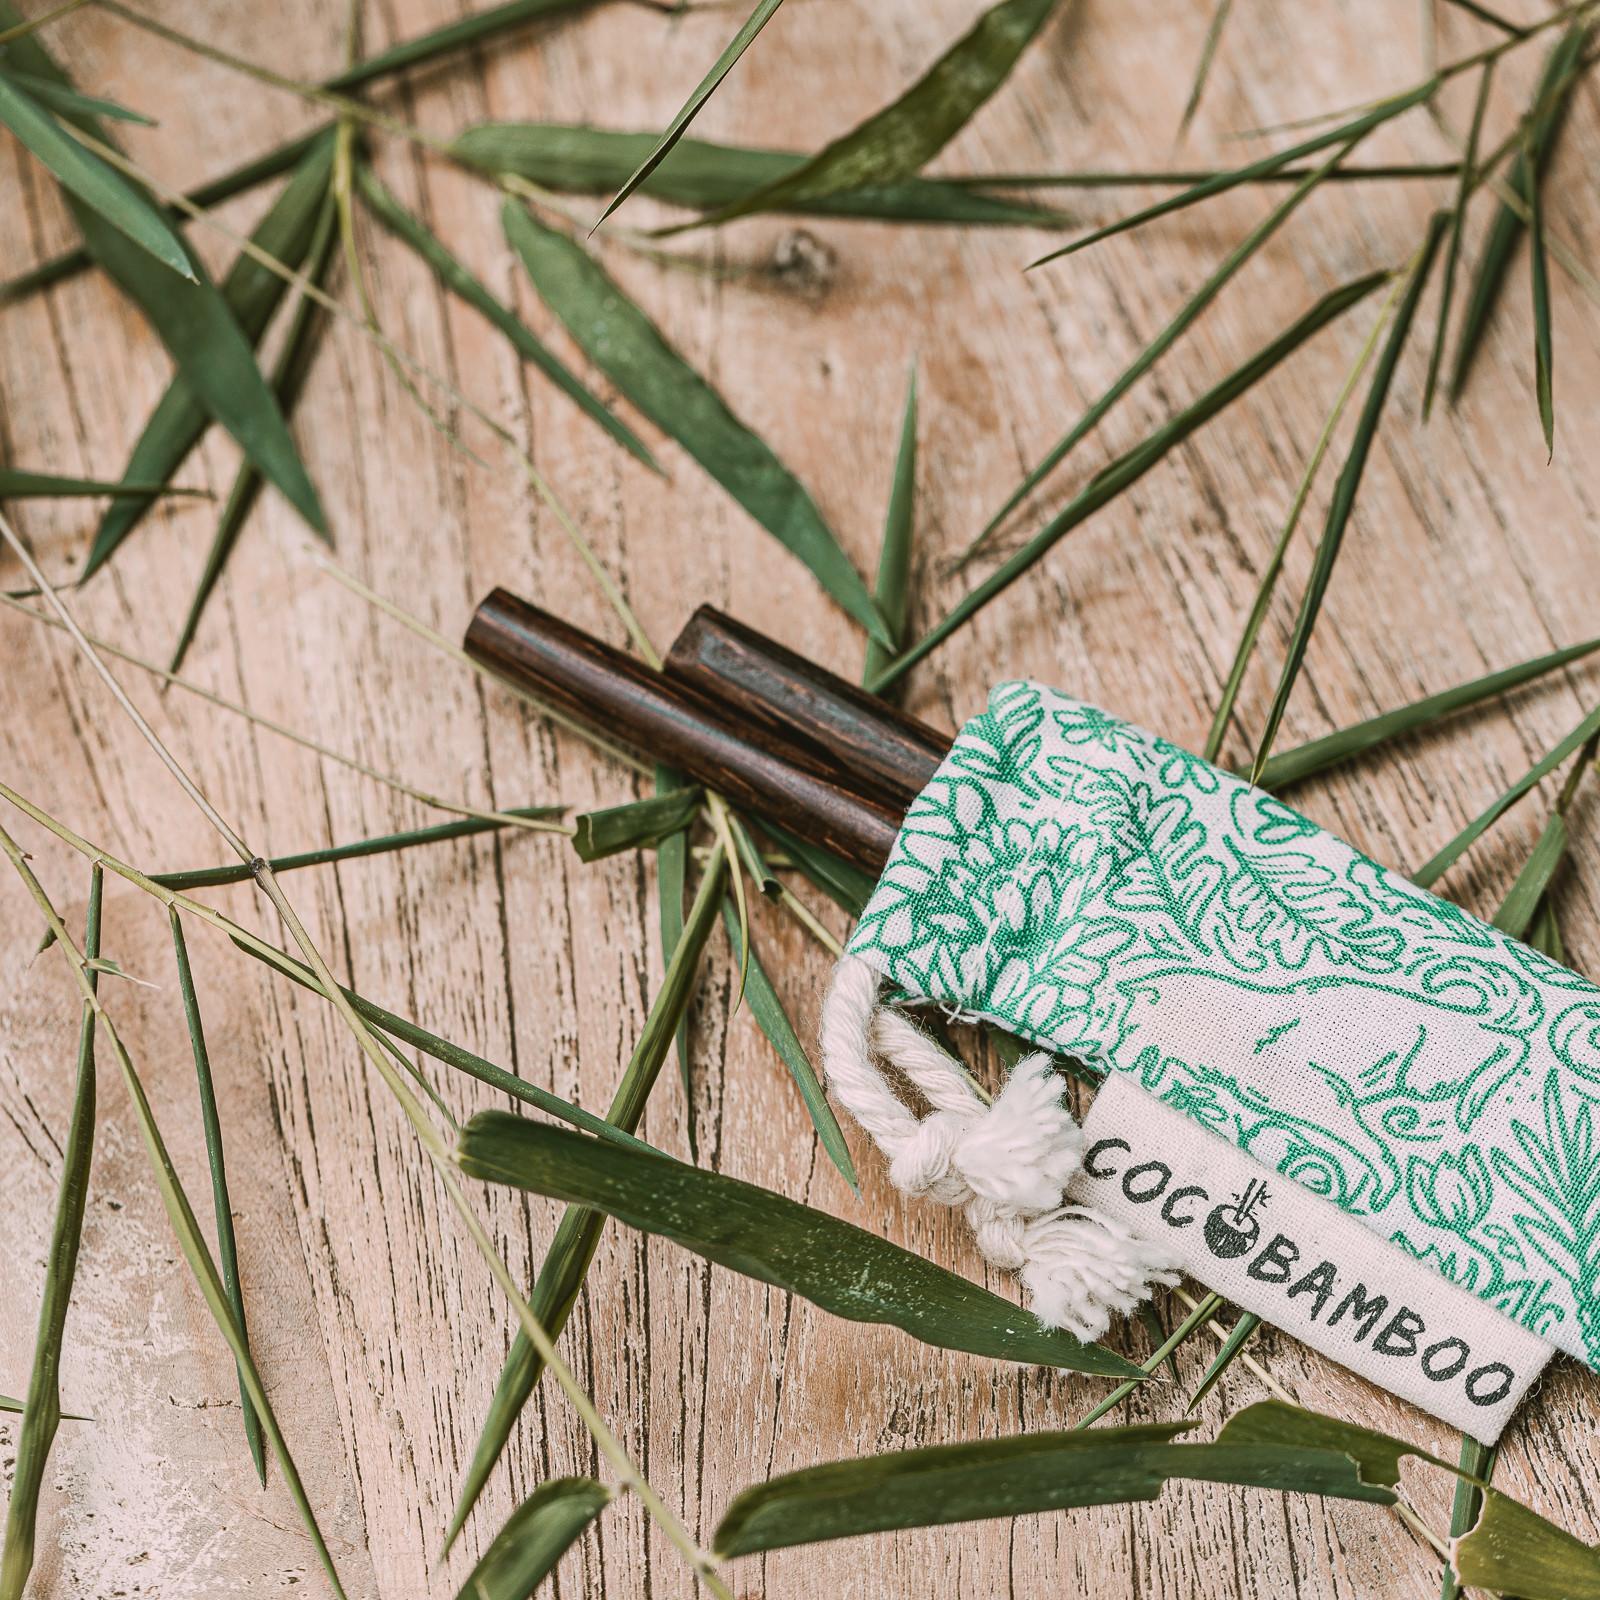 Kokosowe pałeczki w bawełnianym etui - COCOBAMBOO